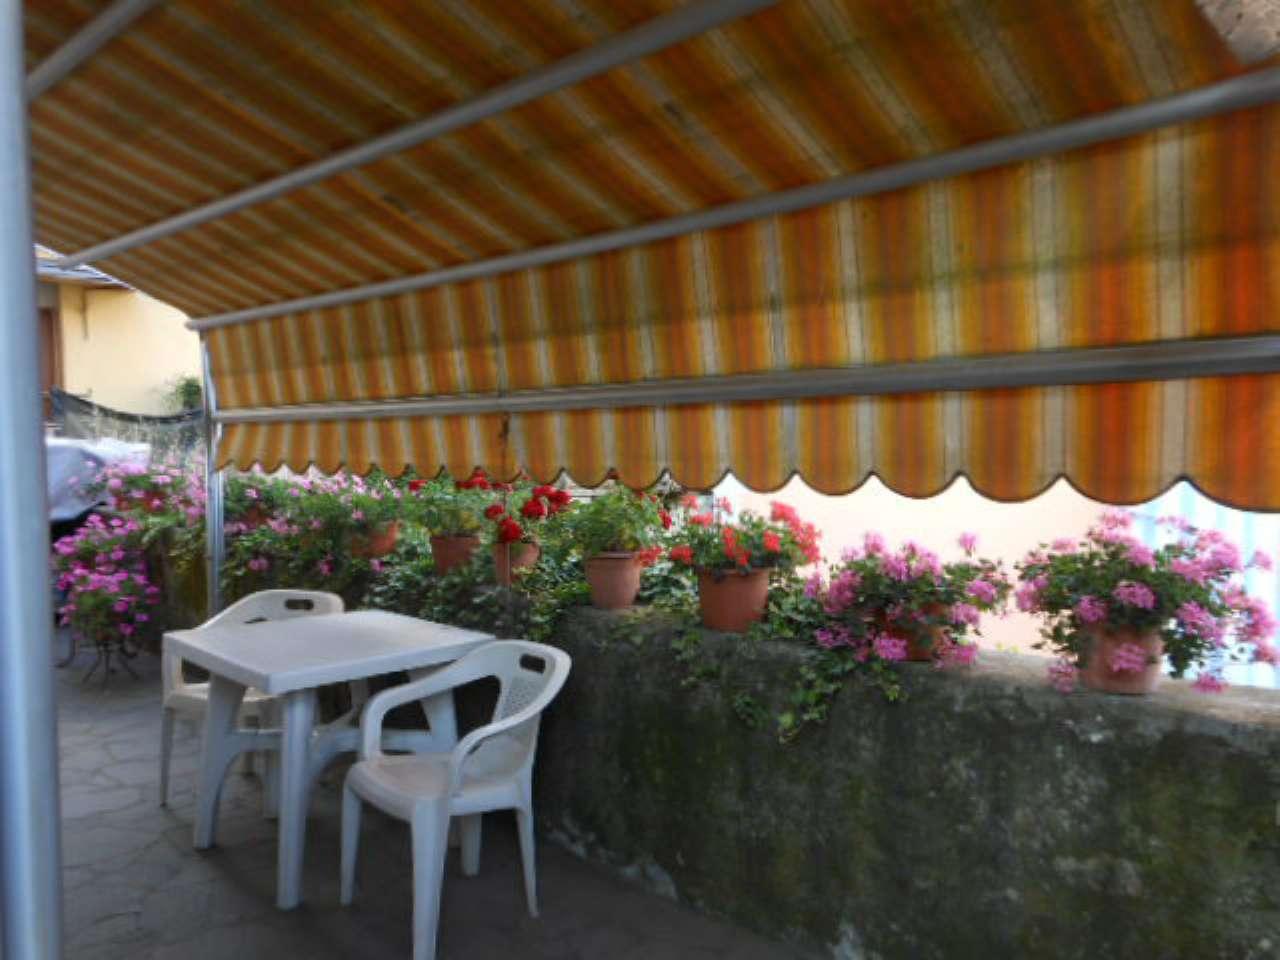 Appartamento in vendita a Riccò del Golfo di Spezia, 6 locali, prezzo € 150.000 | CambioCasa.it